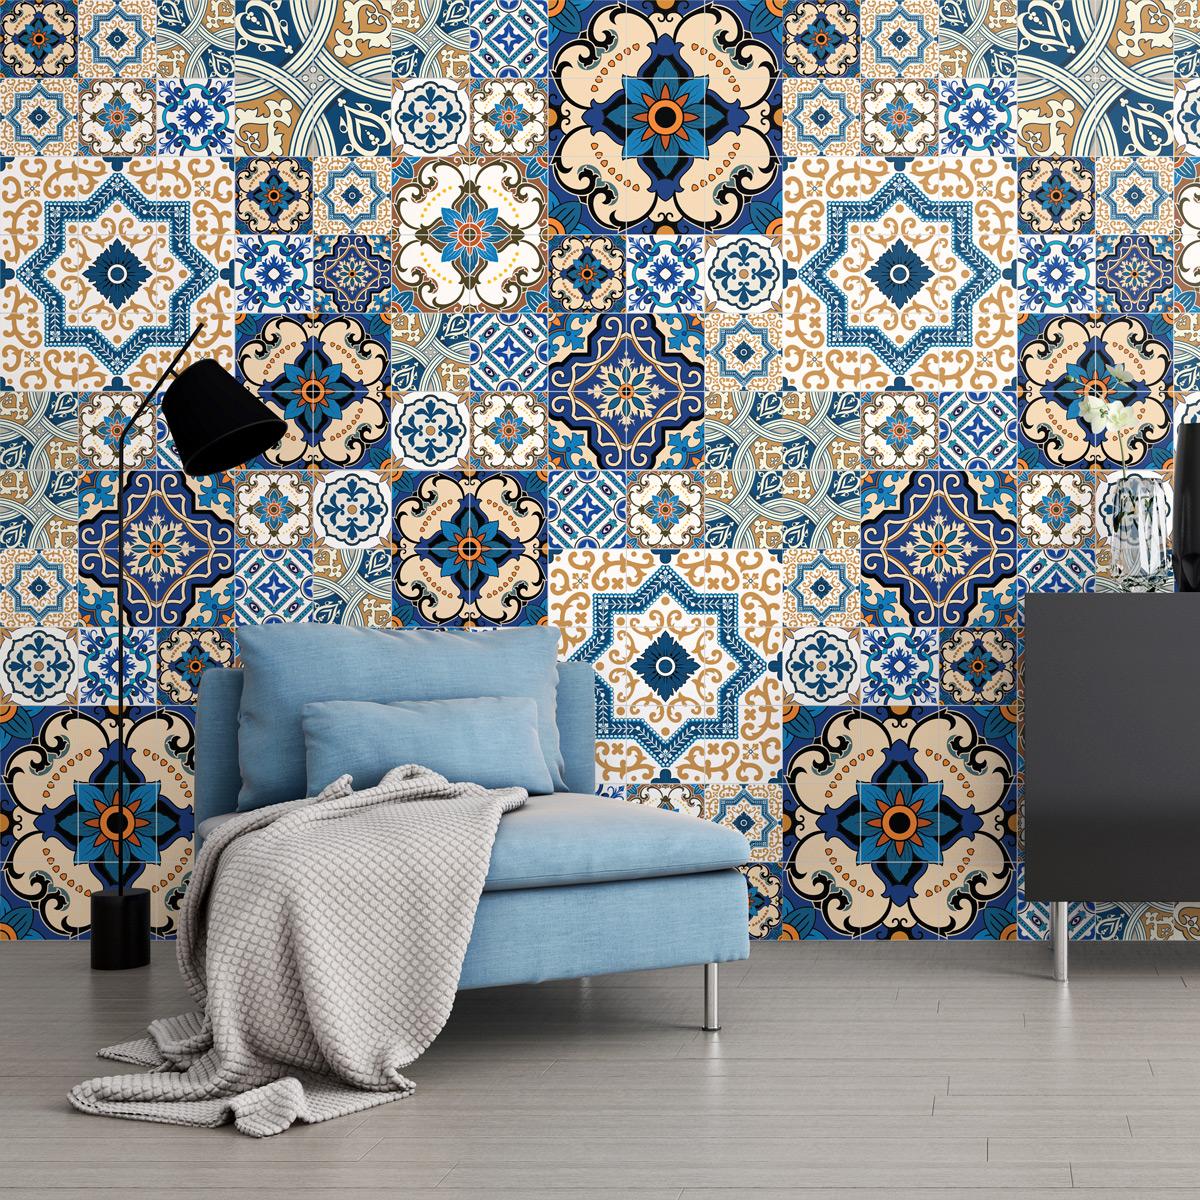 60 stickers carreaux de ciment toundra salle de bain et wc salle de bain ambiance sticker. Black Bedroom Furniture Sets. Home Design Ideas